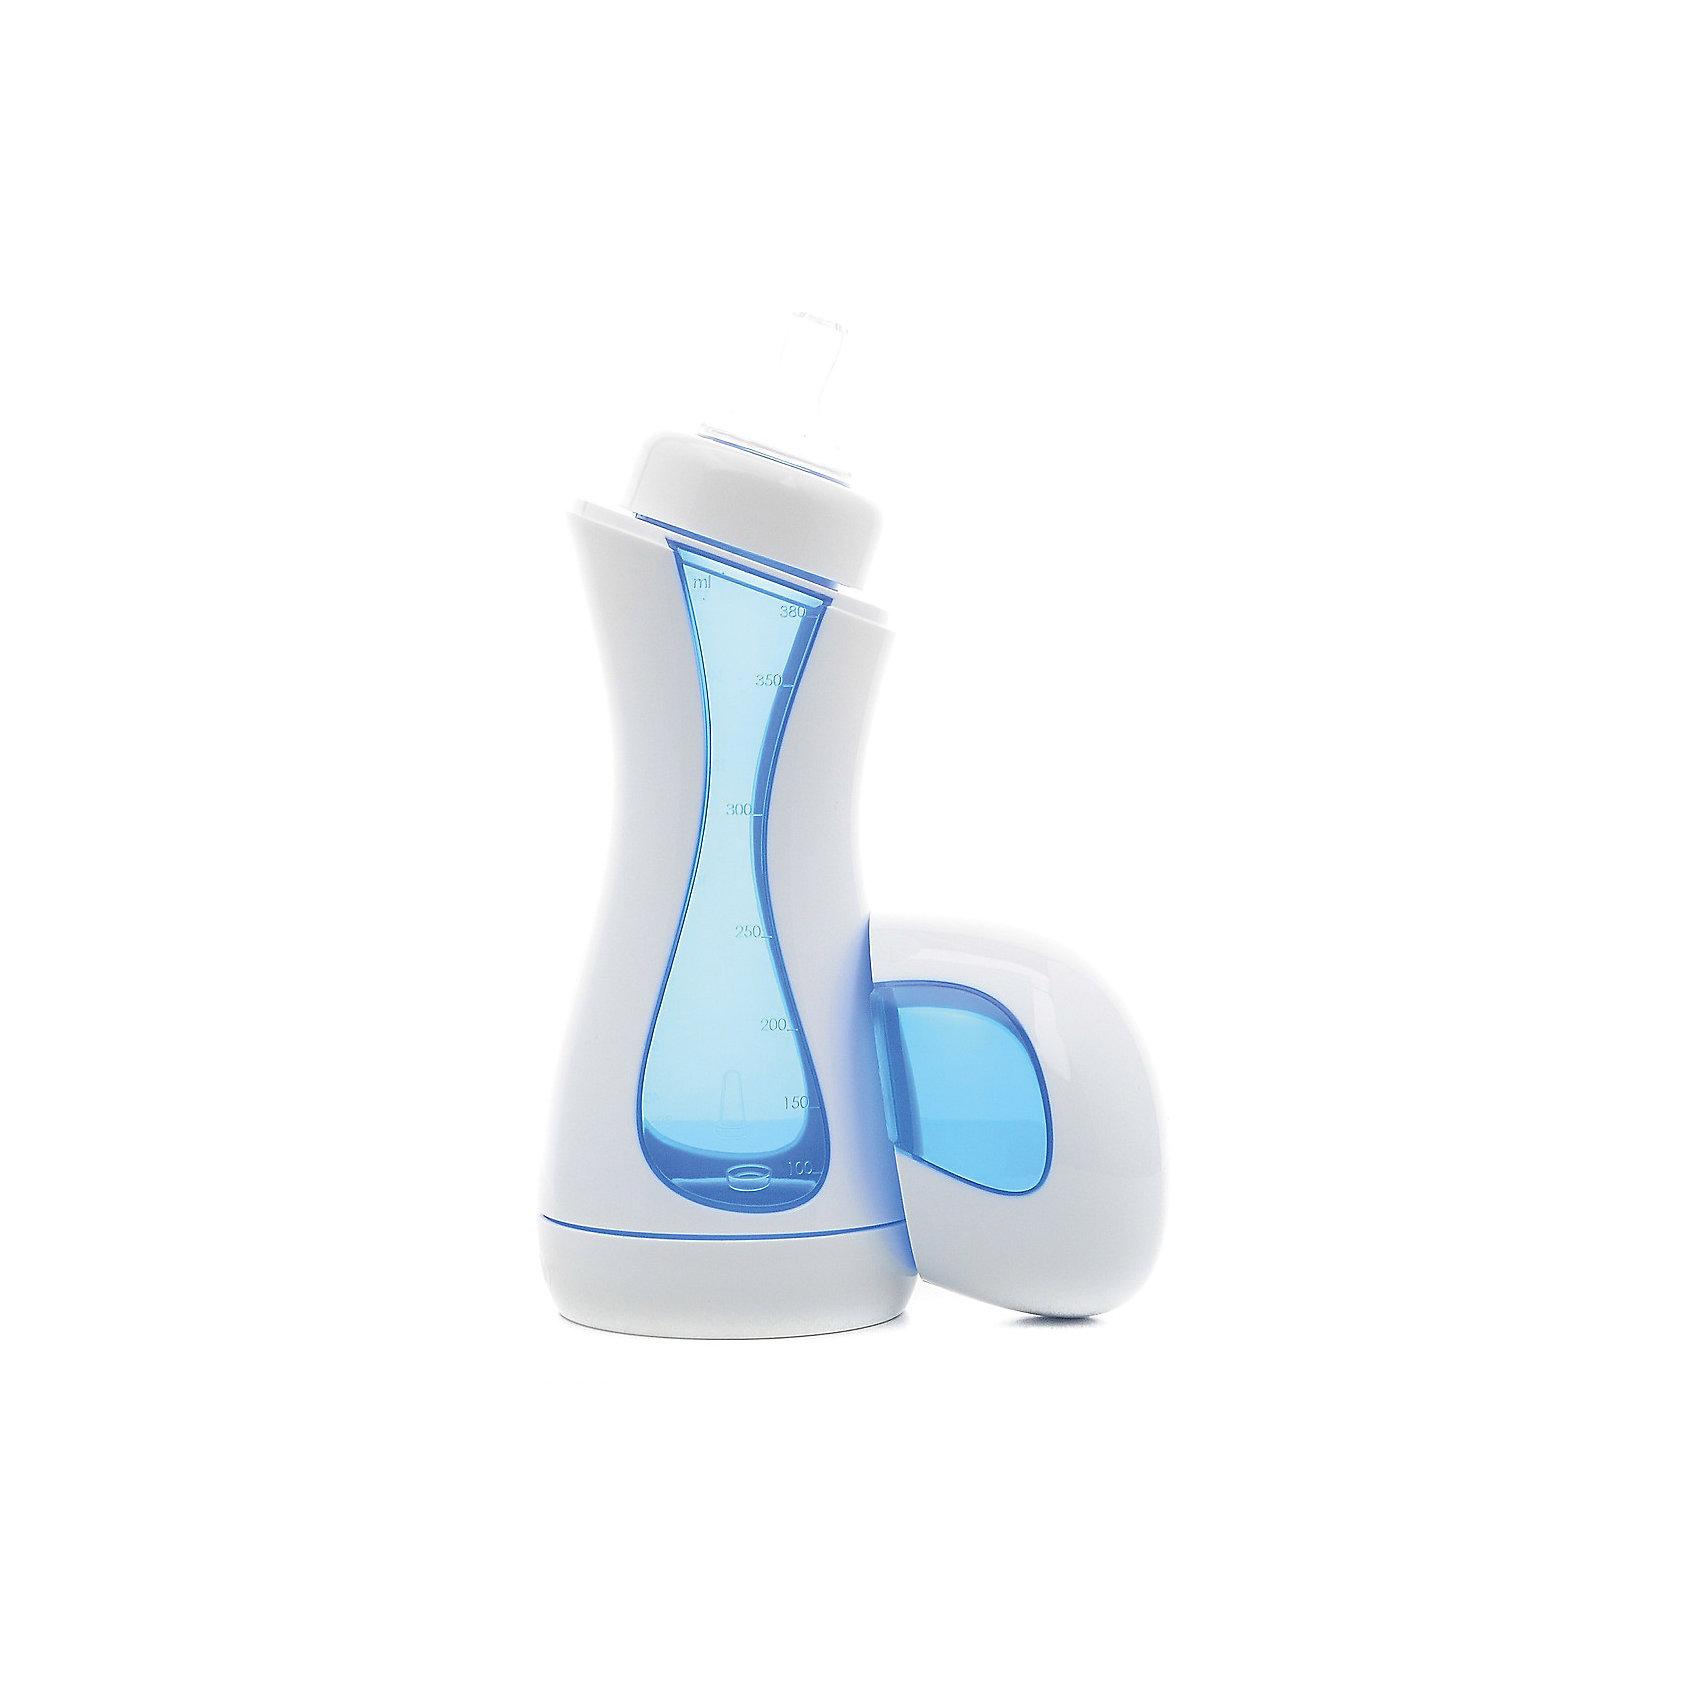 Бутылочка Home, Iiamo, белый/голубойБутылочка Home, Iiamo (Ииамо), белый/голубой<br><br>Характеристики:<br><br>• легко разбирается с двух сторон<br>• можно кипятить, мыть в посудомоечной машине и разогревать в микроволновой печи<br>• система вентиляции анти-колик<br>• удобная форма и стильный дизайн<br>• не содержит бисфенол А, фталаты и прочие вредные вещества<br>• объем: 380 мл<br>• материал бутылочки: полипропилен<br>• материал соски: силикон<br>• вес: 180 грамм<br>• цвет: белый/голубой<br><br>Бутылочка IIAMO HOME позаботится о комфорте малыша с самого младенчества. Она имеет особую систему вентиляции, которая регулирует количество воздуха и препятствует появлению коликов у детей. Конструкция бутылочки позволяет разбирать ее с двух сторон, поэтому вы без труда сможете убрать все остатки молока или смеси. Кроме того, IIAMO HOME можно кипятить, греть в СВЧ-печи и мыть в посудомоечной машине. Бутылочка изготовлена без применения бисфенола А, фталатов, парабенов и других вредных веществ, что делает ее полностью безопасной для здоровья крохи. Бутылочка имеет стильный дизайн, который, к тому же, позволяет удобно расположить ее в руке. Позаботьтесь о питании крохи с бутылочкой IIAMO HOME!<br><br>Бутылочку Home, Iiamo (Ииамо), белый/голубой вы можете купить в нашем интернет-магазине.<br><br>Ширина мм: 77<br>Глубина мм: 77<br>Высота мм: 212<br>Вес г: 150<br>Возраст от месяцев: 6<br>Возраст до месяцев: 36<br>Пол: Мужской<br>Возраст: Детский<br>SKU: 5007200